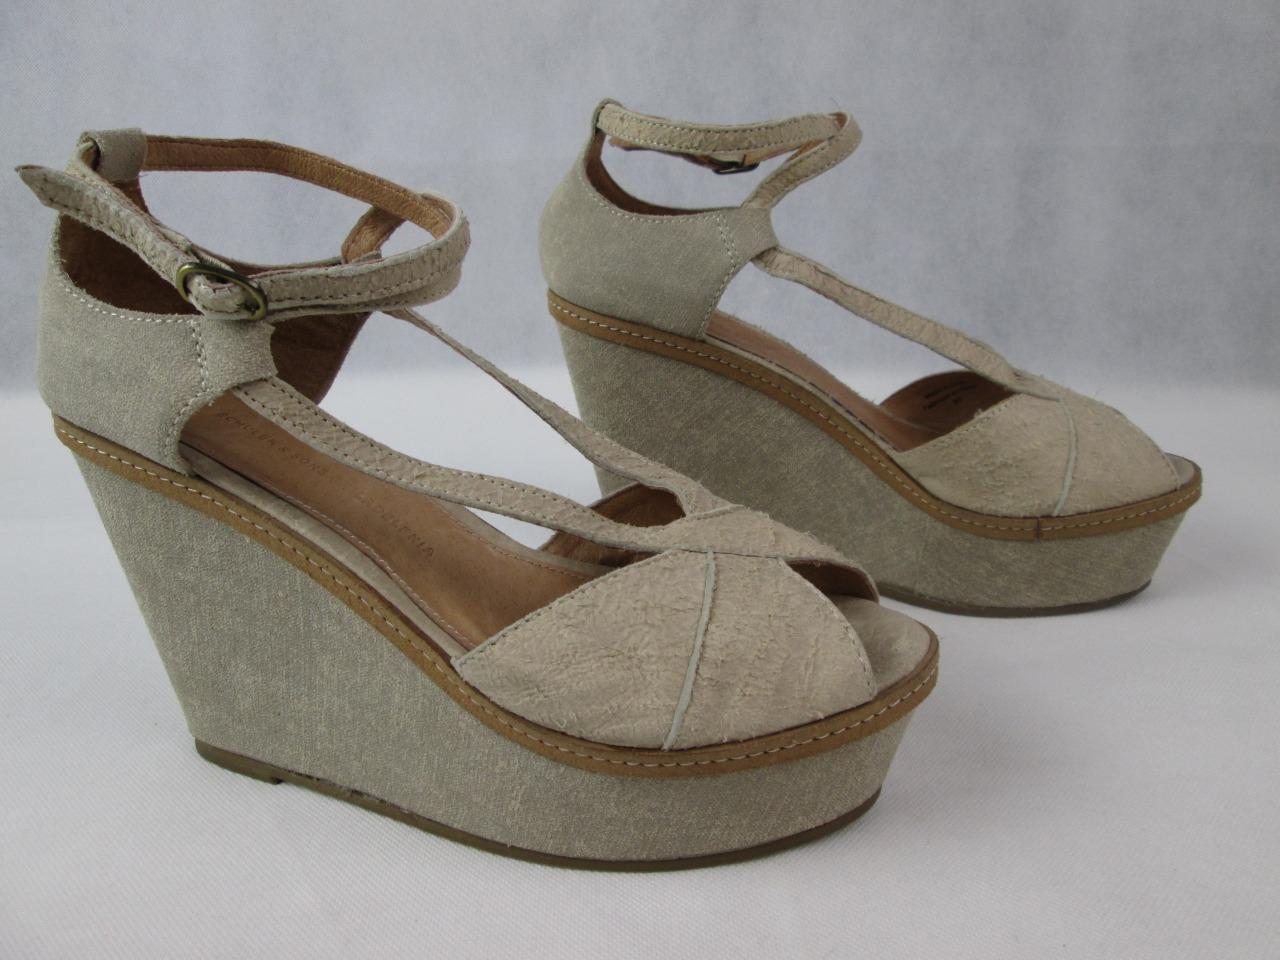 Schuler & Sons Filadelfia Filadelfia Filadelfia anthropologie Bronceado Sandalia De Cuña Zapatos Talla 9B Nuevo  buen precio